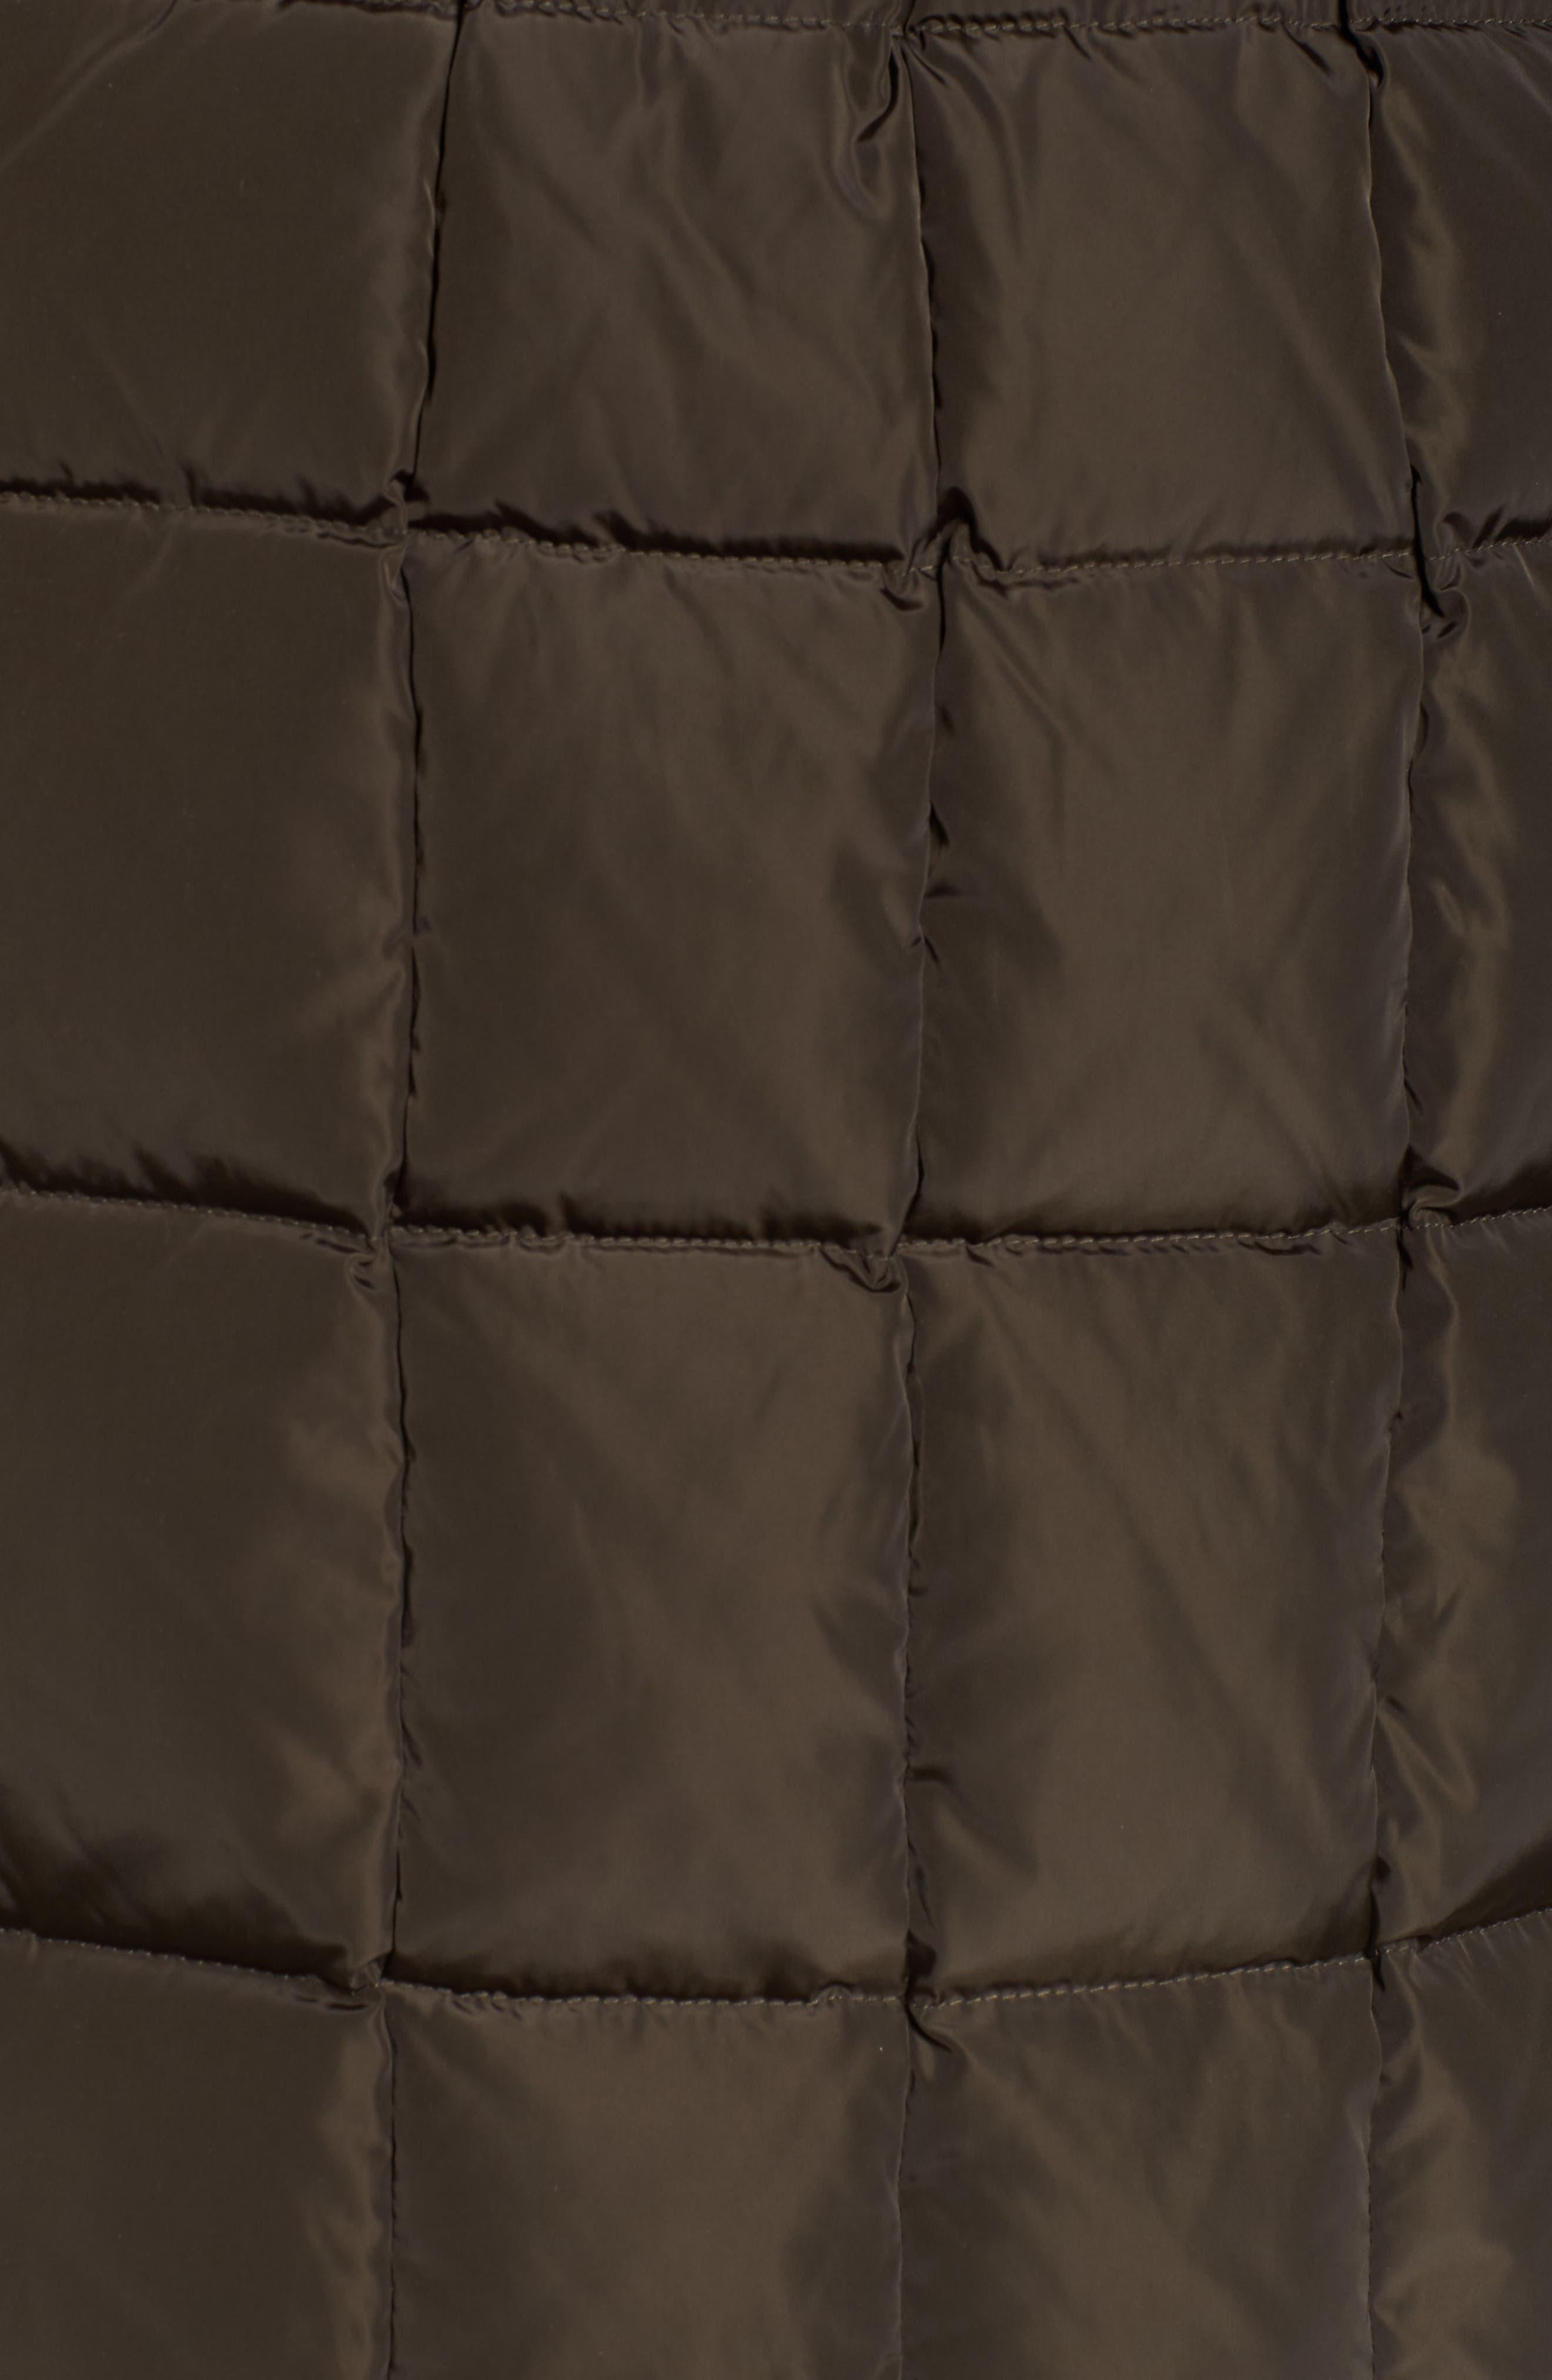 Down Coat with Faux Fur Trim,                             Alternate thumbnail 5, color,                             Kale